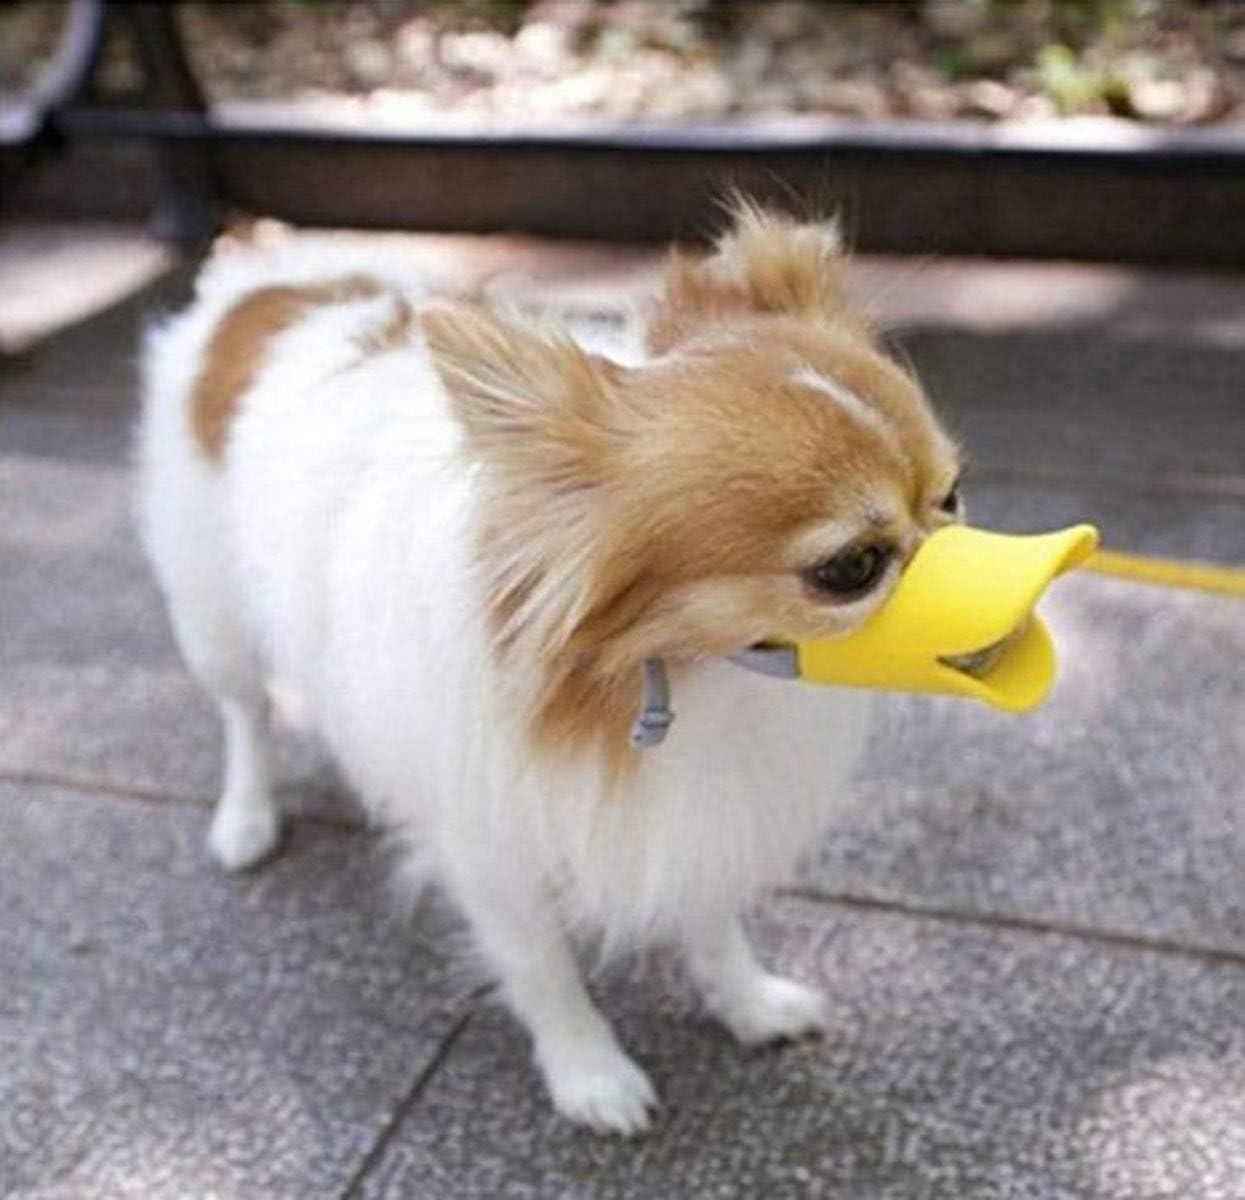 WISMURHI Protectores bucales en Forma de Pato para Perros Protectores bucales para Perros peque/ños Hocico de Perro de Silicona de Pato Lindo Dise